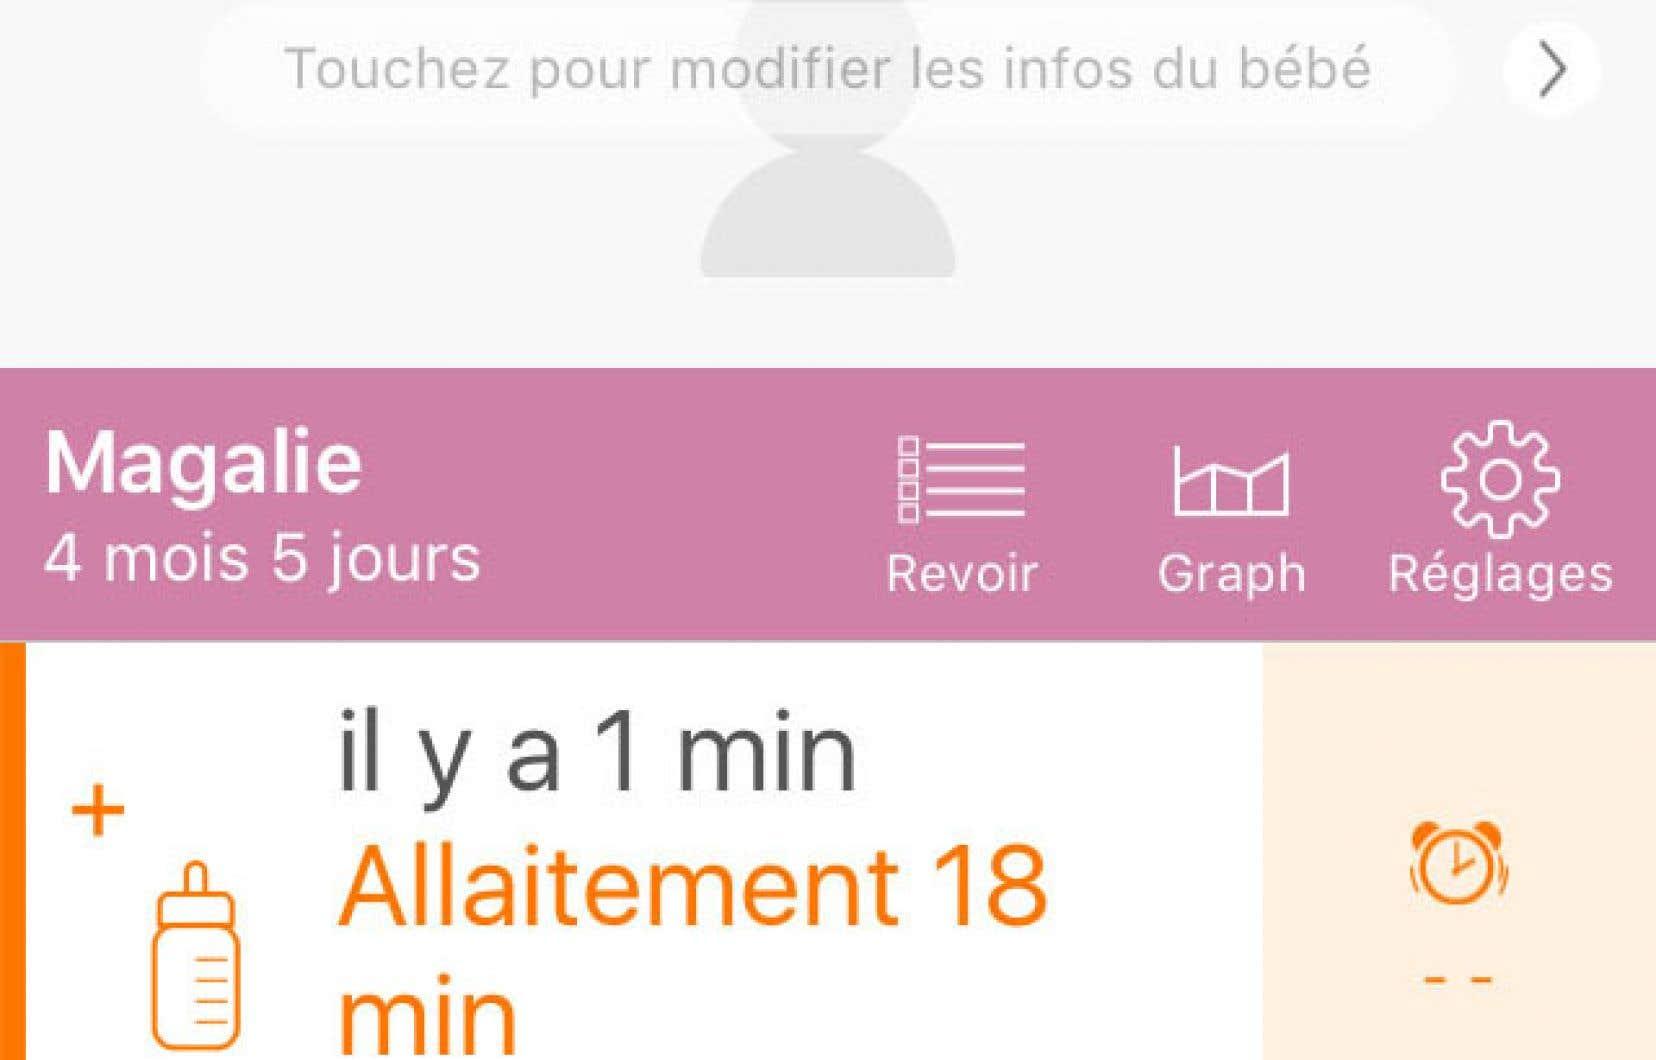 L'application Baby Tracker (dont l'interface est en français, malgré le nom) est conçue pour retenir dans le détail tout ce qu'il y a à penser avec un bébé.